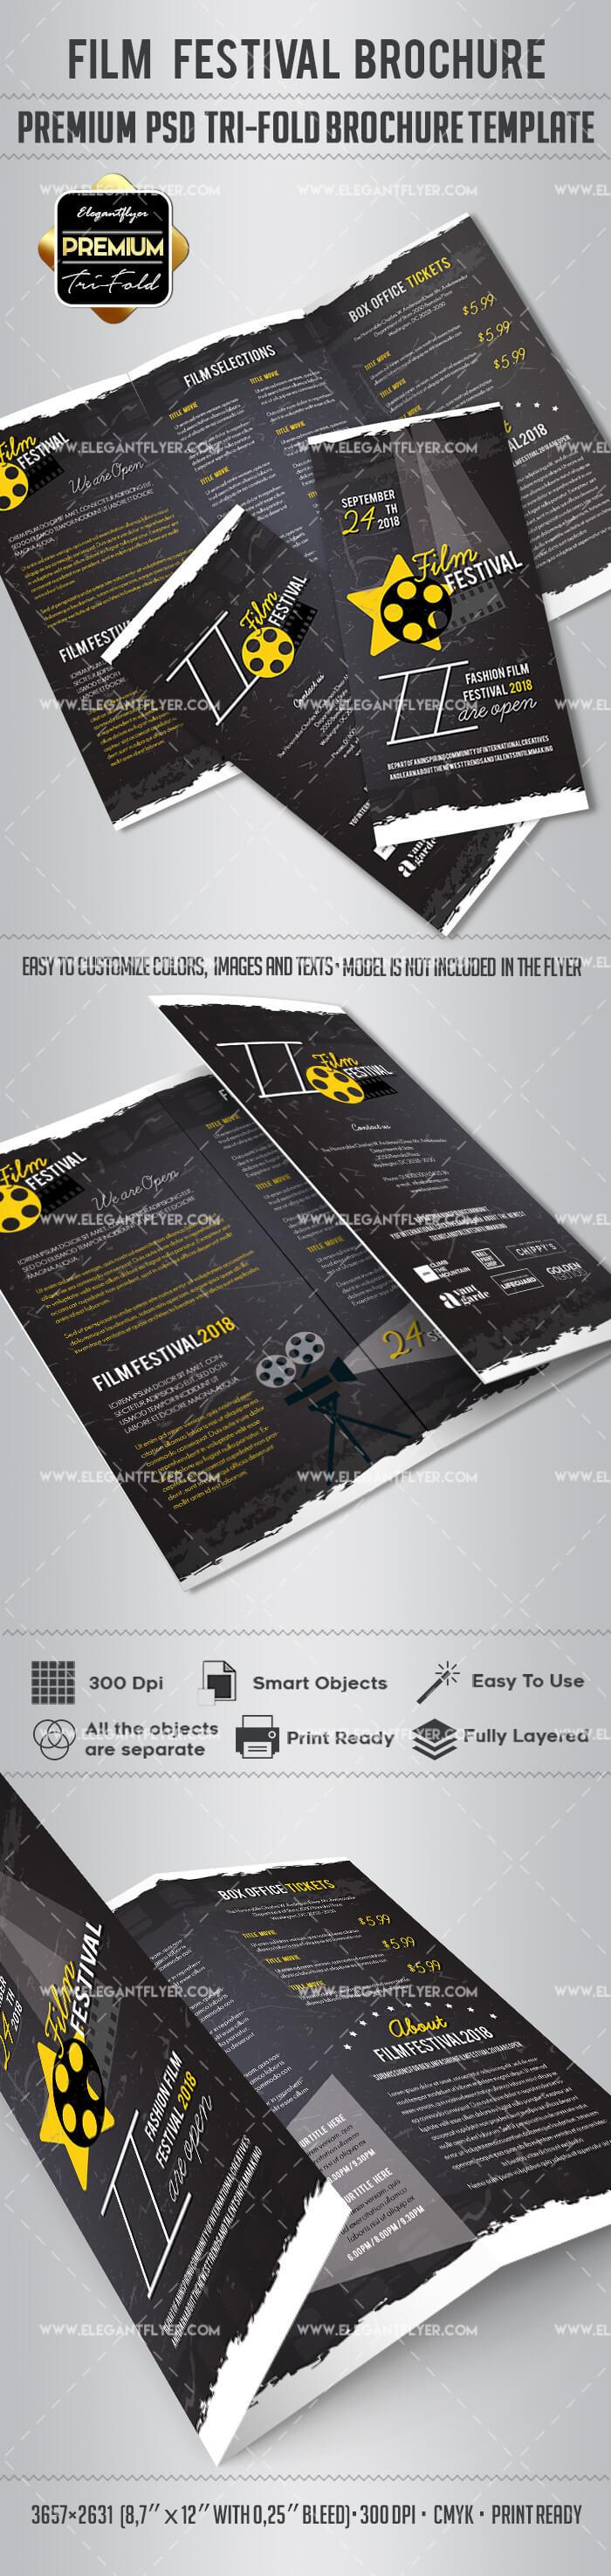 Film Festival Brochure Design Inside Film Festival Brochure Template